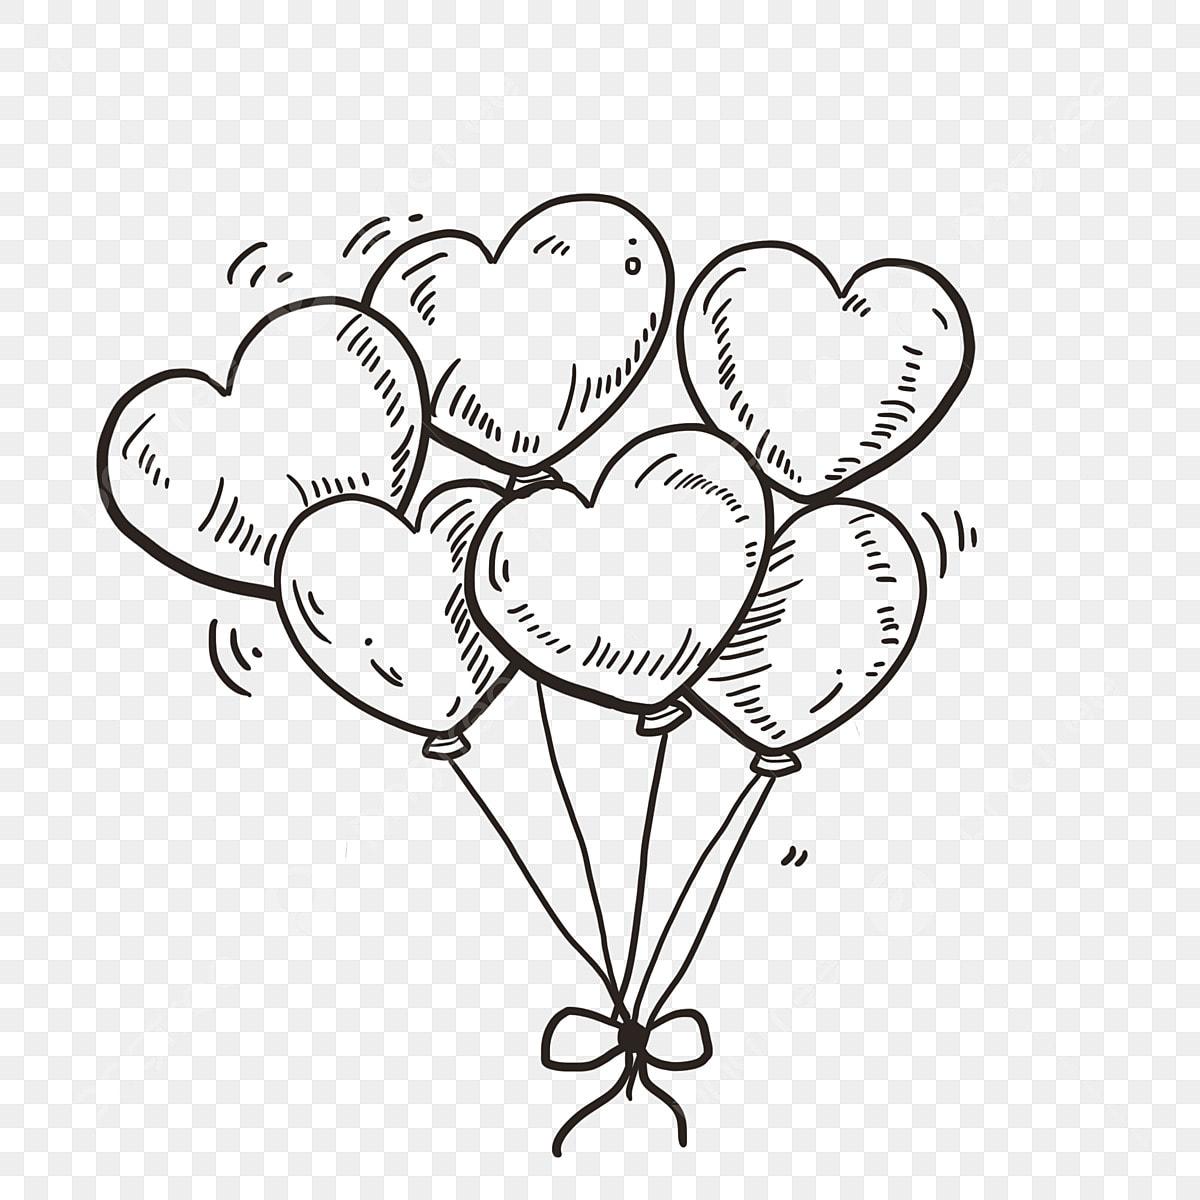 Gambar Doodle Doodle Lukisan Tangan Balon Vektor Belon Belon Percuma Enam Belon Percuma Vektor Png Dan Psd Untuk Muat Turun Percuma